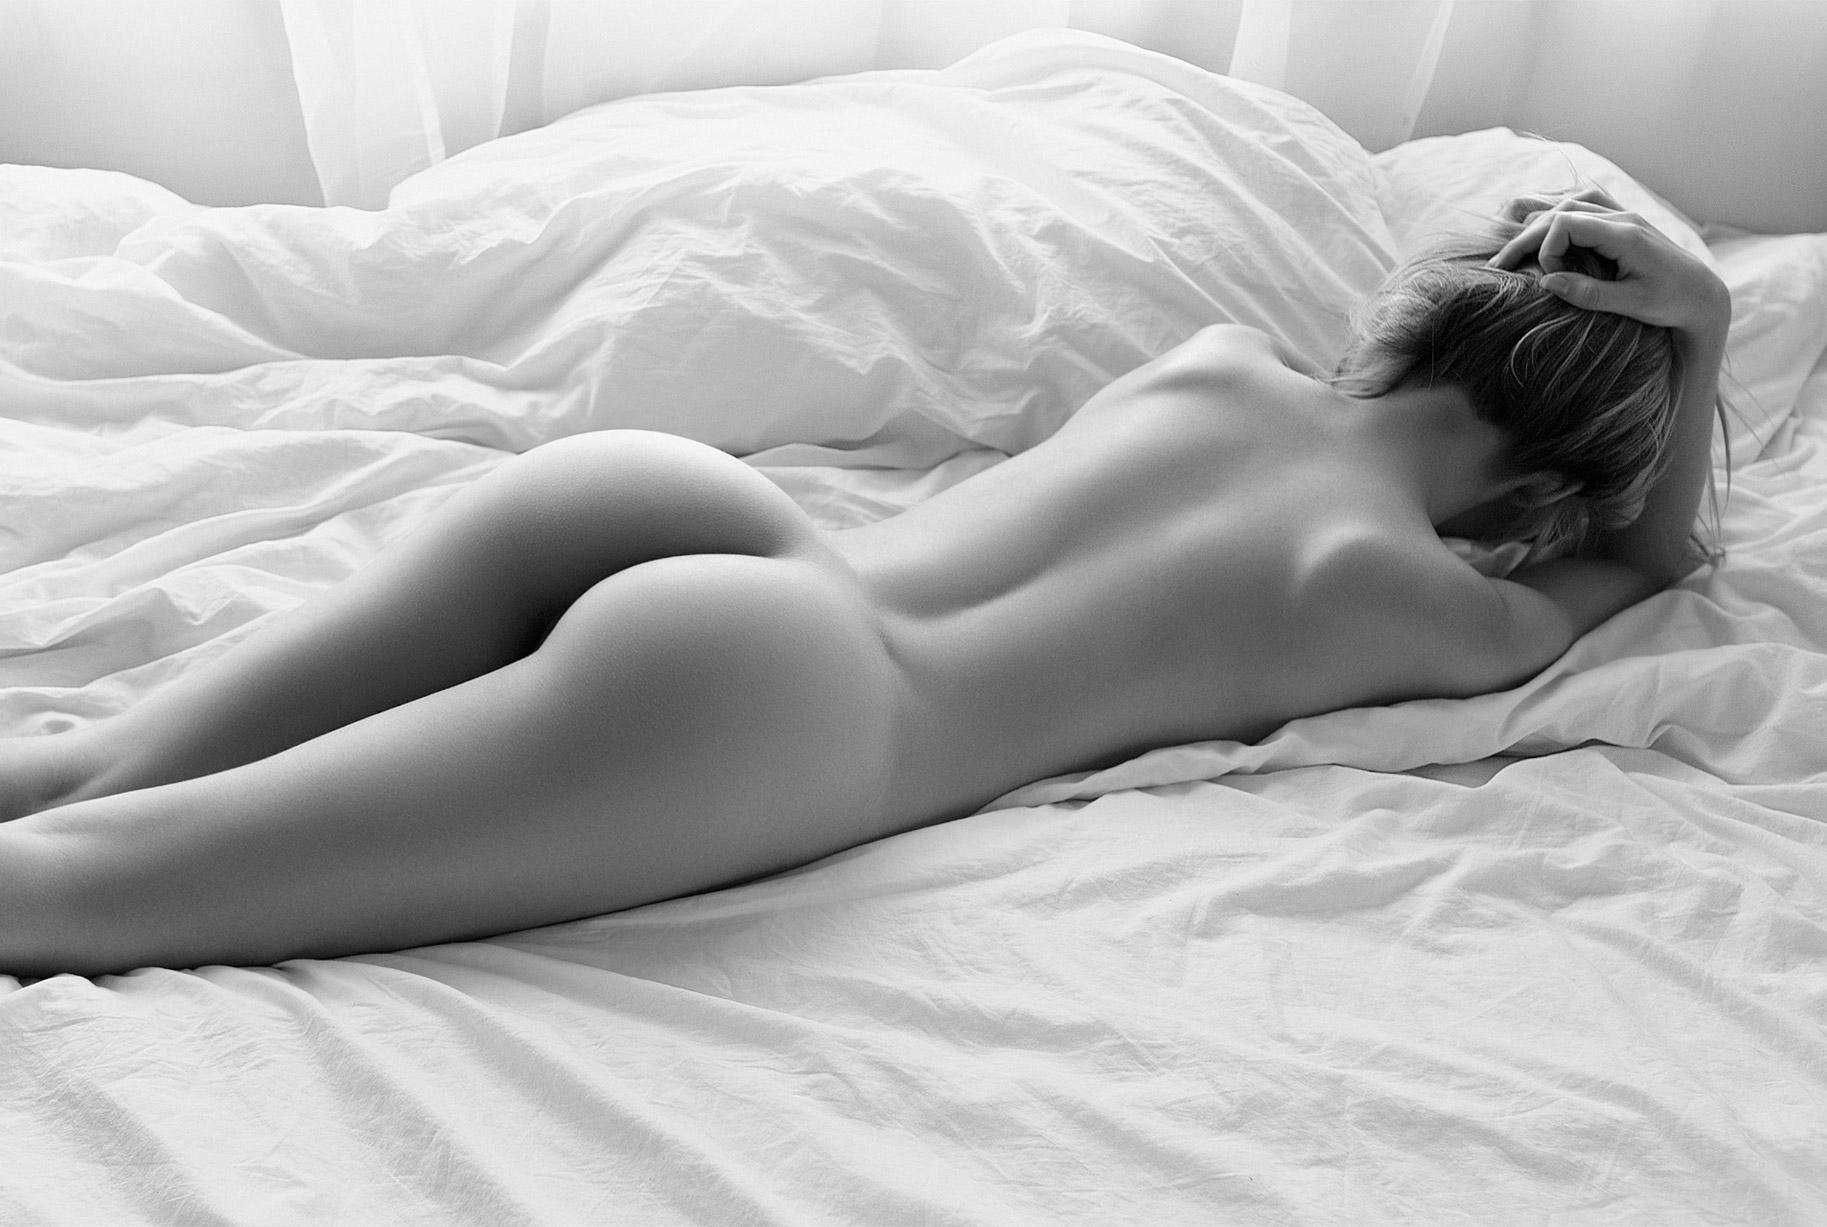 сексуальные голые девушки на снимках фотографа Бенджамина Вингрифа / фото 26